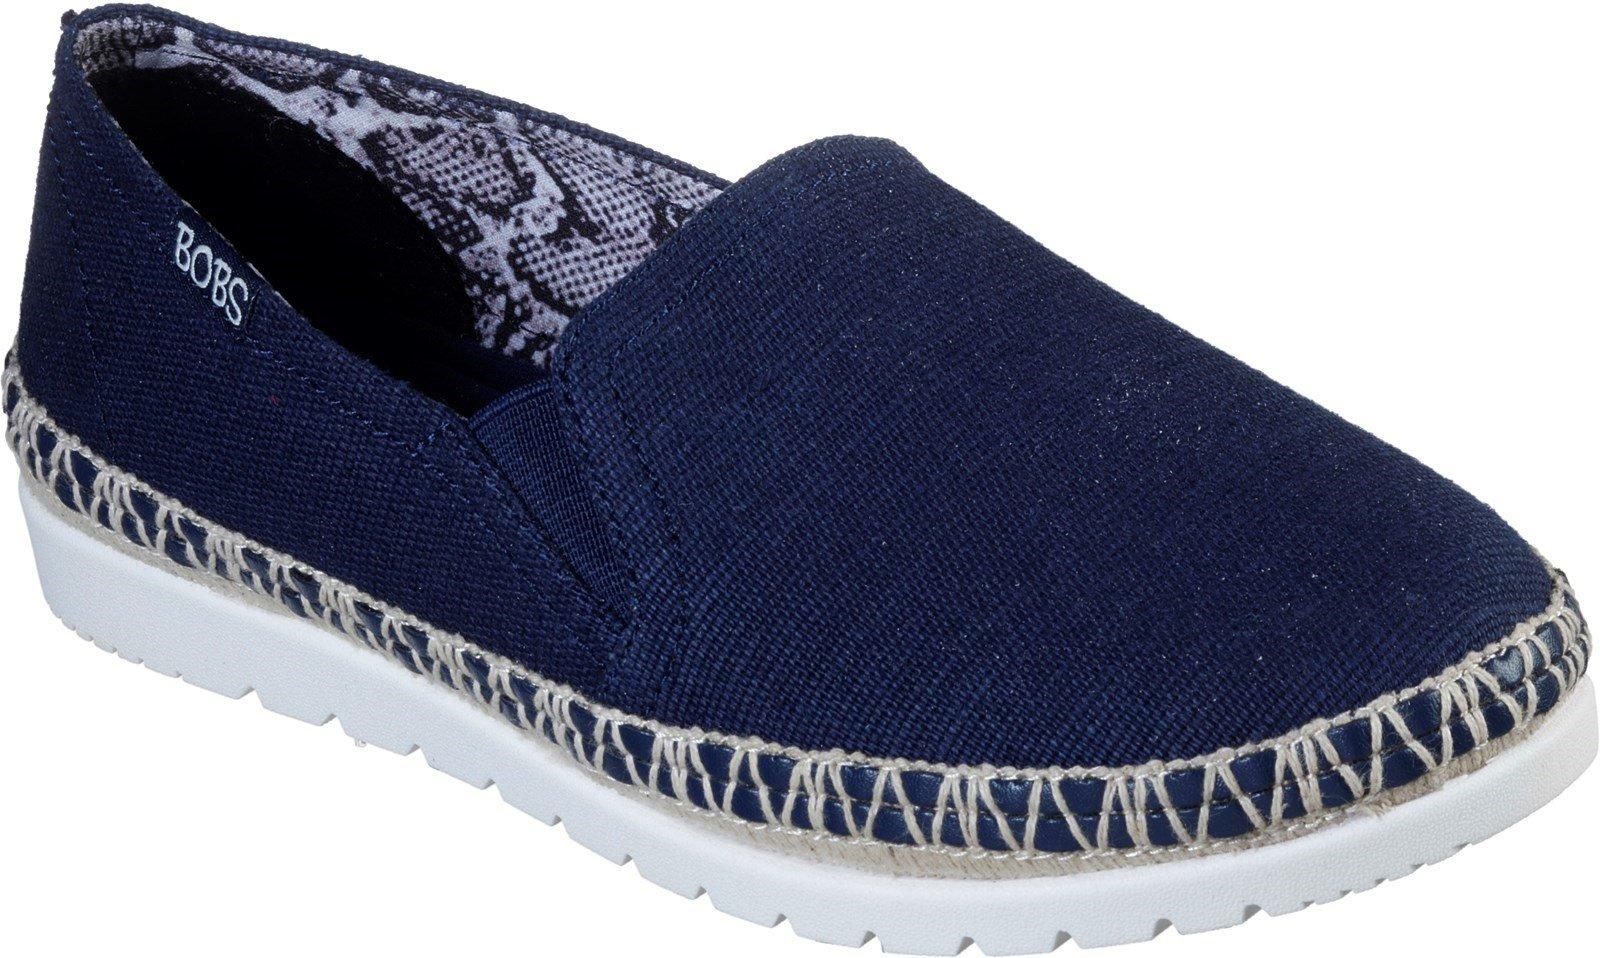 Skechers Women's Bobs Flexpadrille 3.0 Espadrilles Shoe Various Colours 32130 - Navy 3